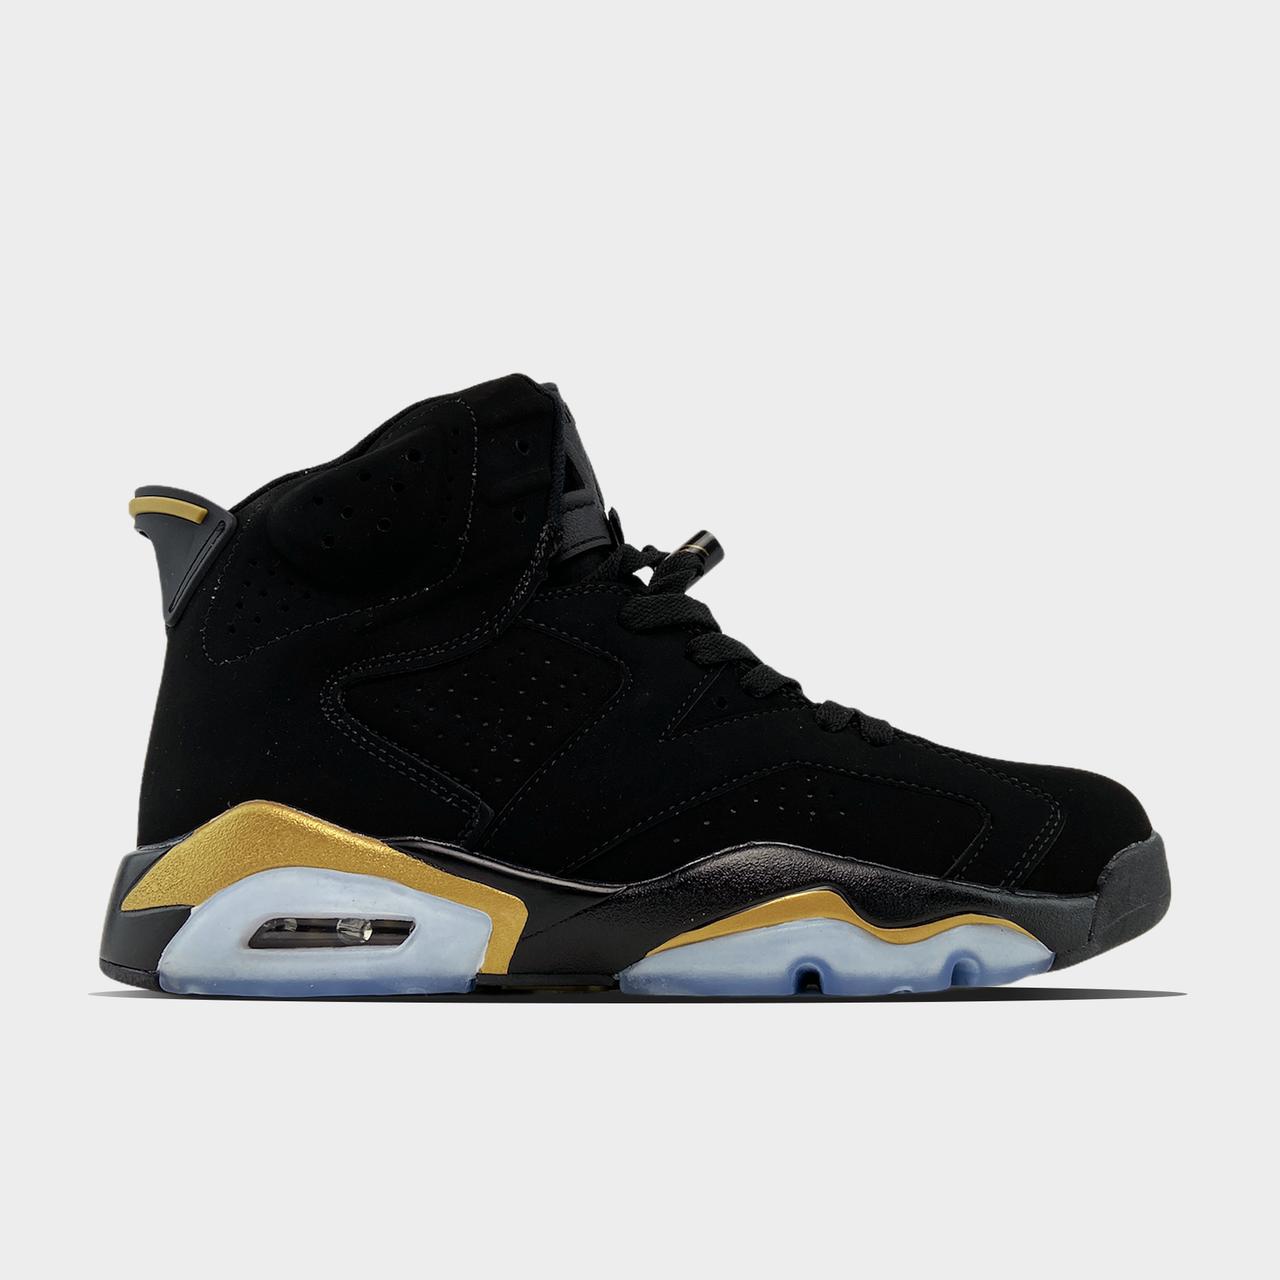 """Nk, крос, обувь, взуття, sneakers, шузы, Air Jordan 6 """"DMP"""" Defining Moment (Черный)"""